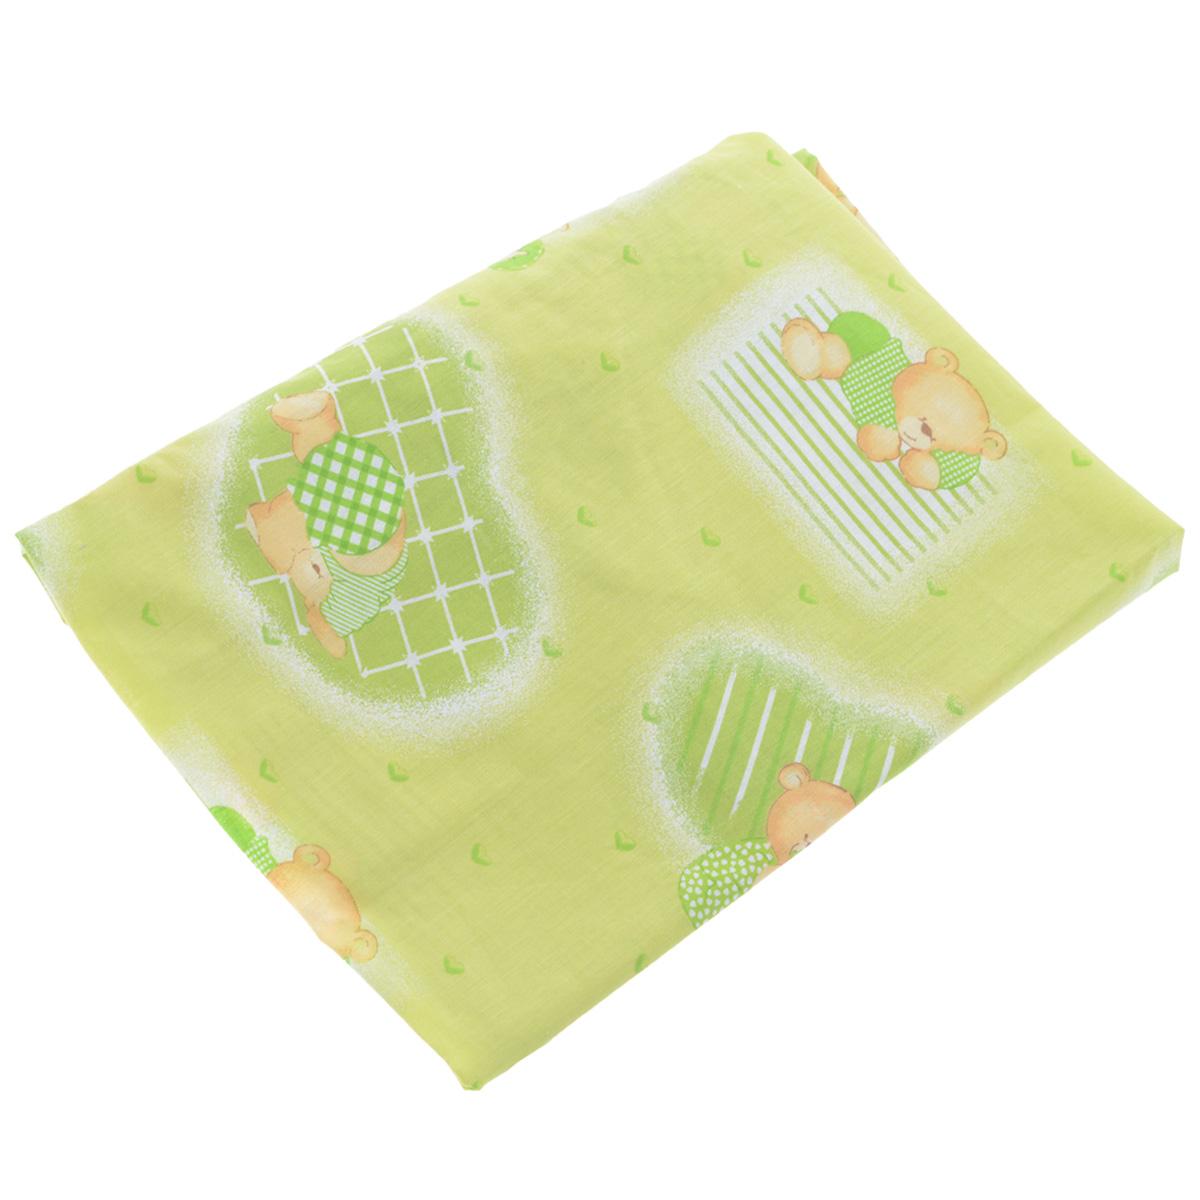 Простыня на резинке Фея Мишки, цвет: зеленый, 60 см х 120 см0001049-4Мягкая простыня на резинке Фея Мишки идеально подойдет для кроватки вашего малыша и обеспечит ему здоровый сон. Она изготовлена из натурального 100% хлопка, дарящего малышу непревзойденную мягкость. Простыня с помощью специальной резинки растягивается на матрасе. Она не сомнется и не скомкается, как бы не вертелся ребенок. Подарите вашему малышу комфорт и удобство!